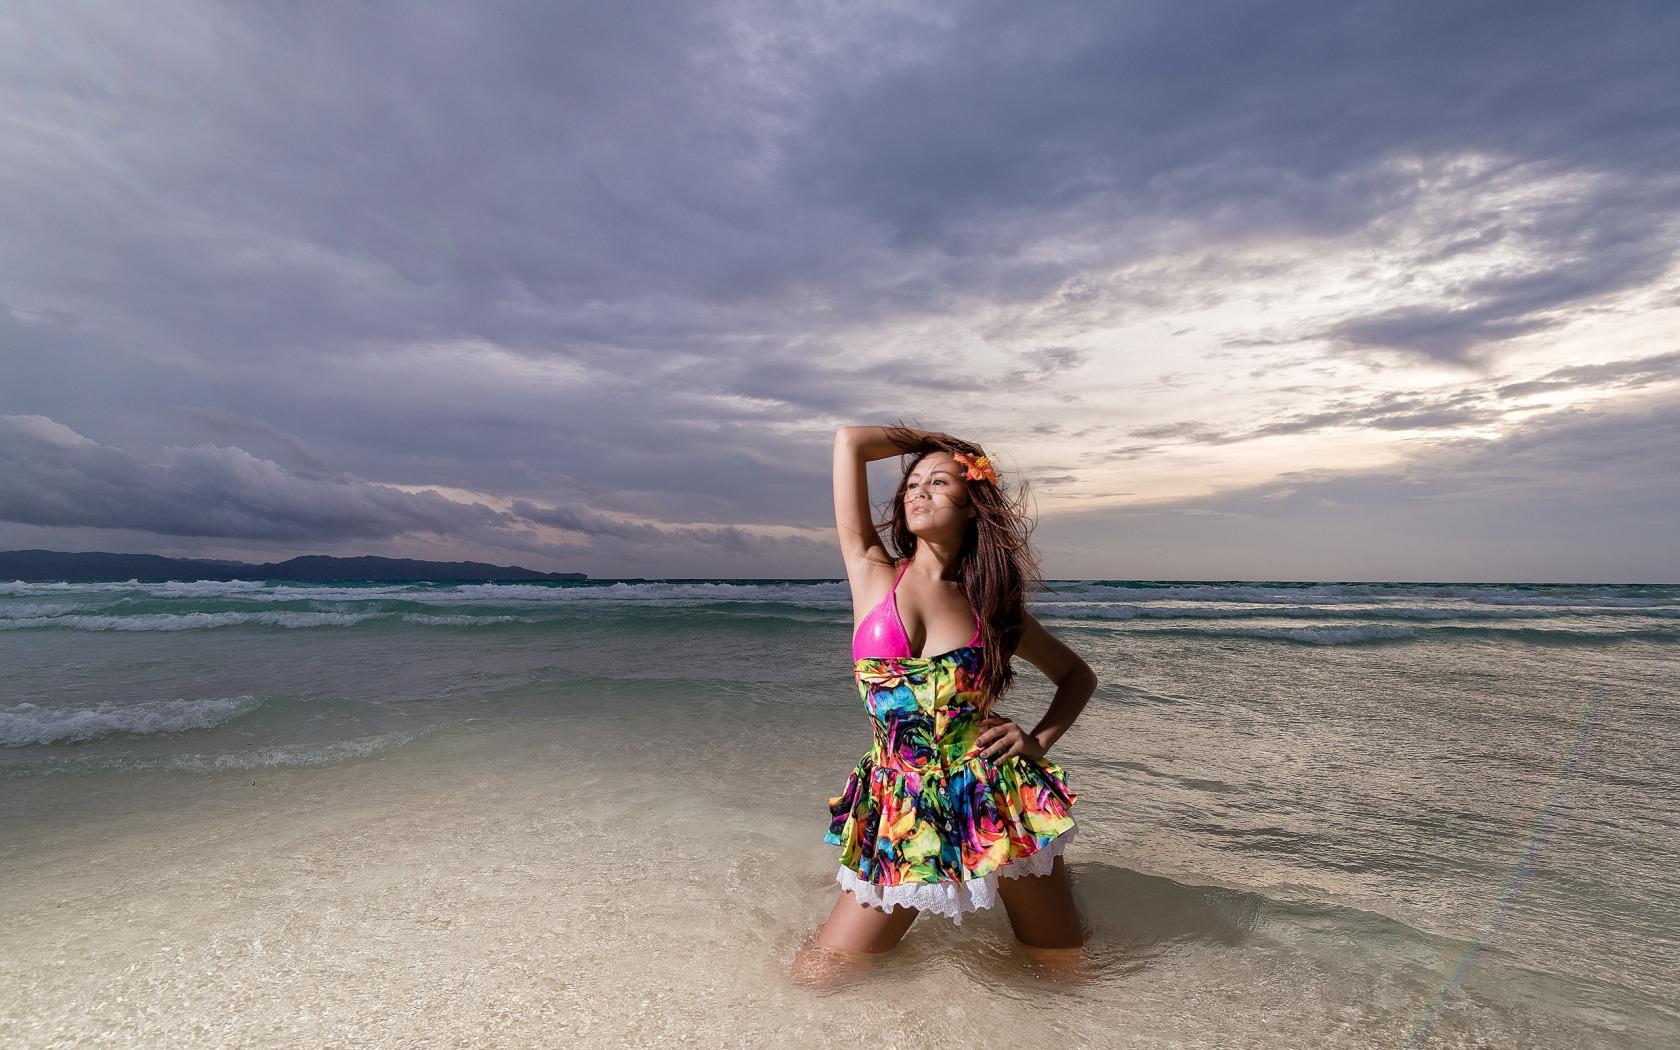 Как сделать красивое фото на море если ты полная 168